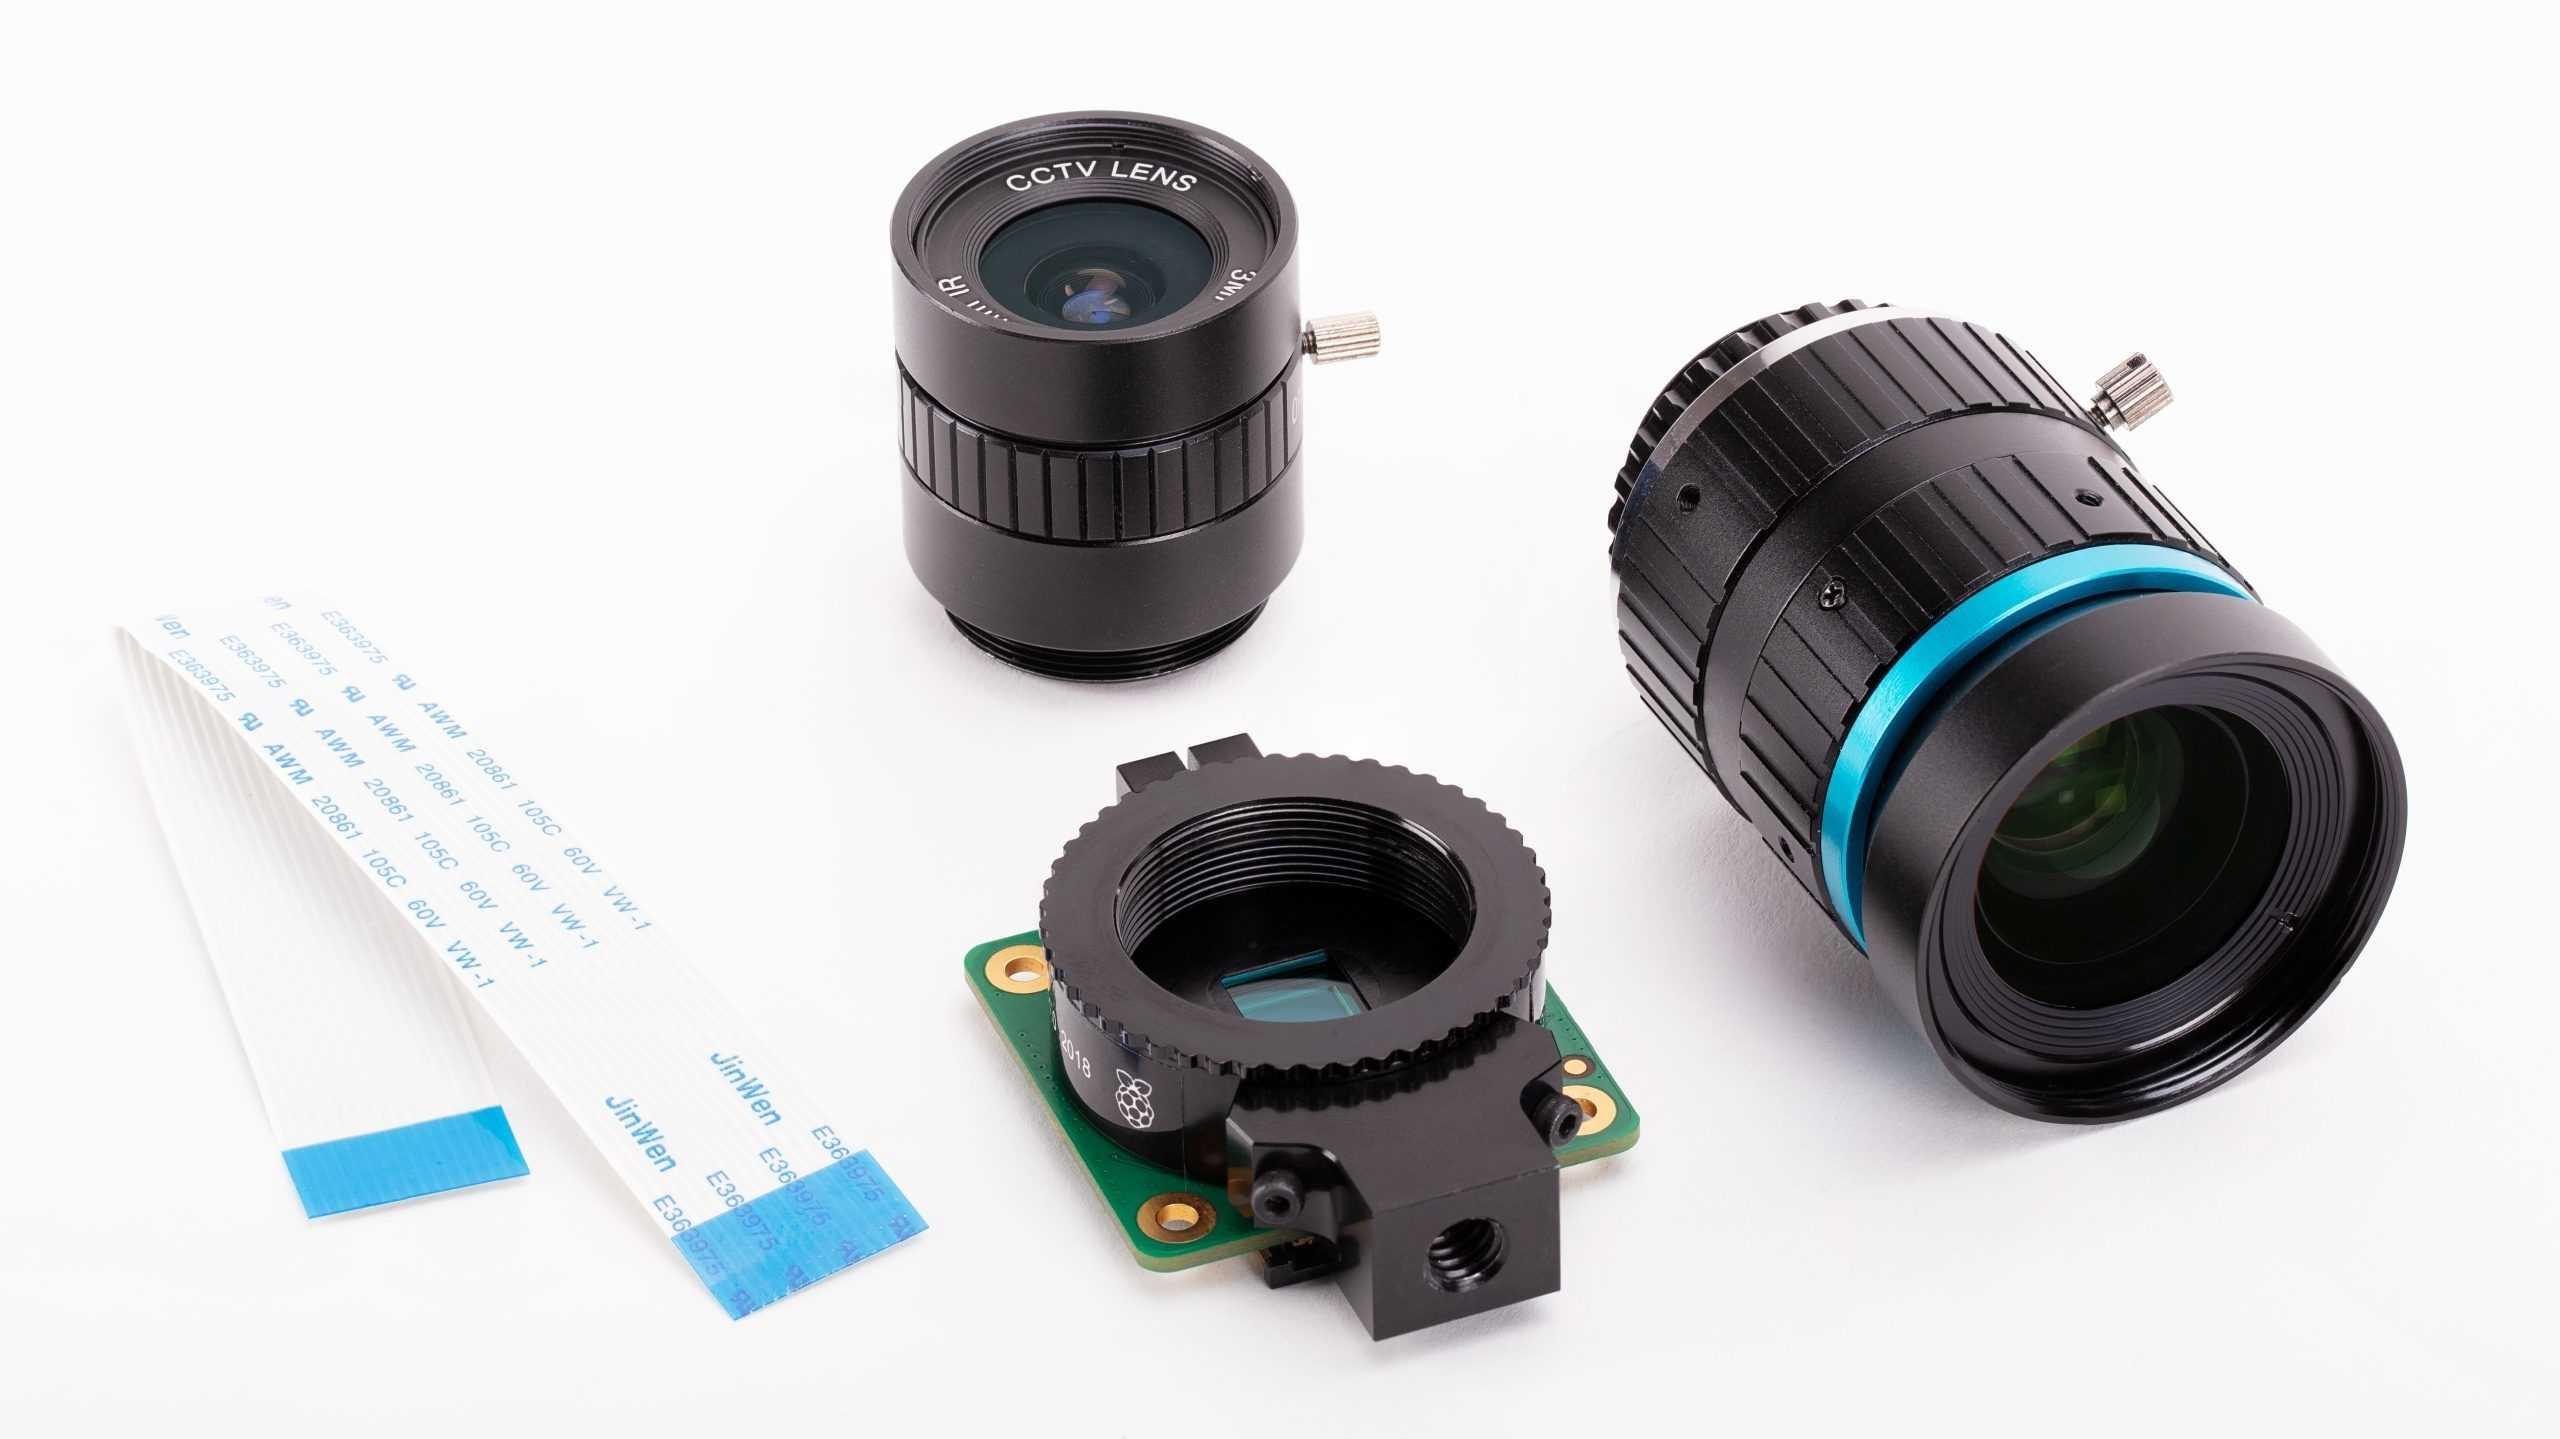 Raspberry-Pi-Kamera mit 12 Megapixeln und Wechselobjektiven